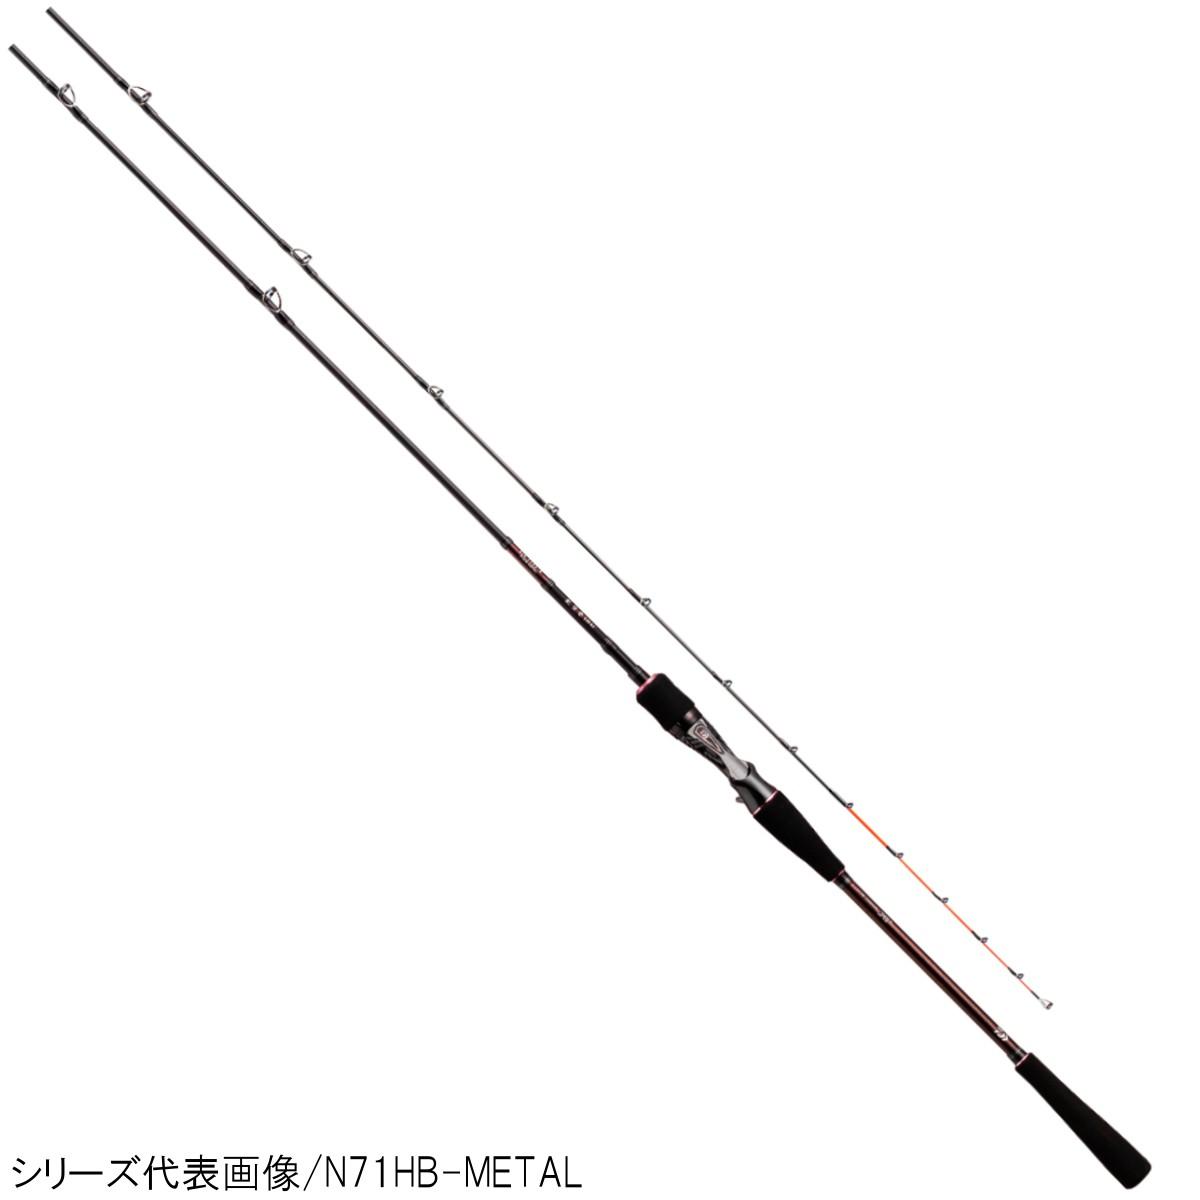 ダイワ 紅牙 AIR N69MHB-METAL【大型商品】【送料無料】